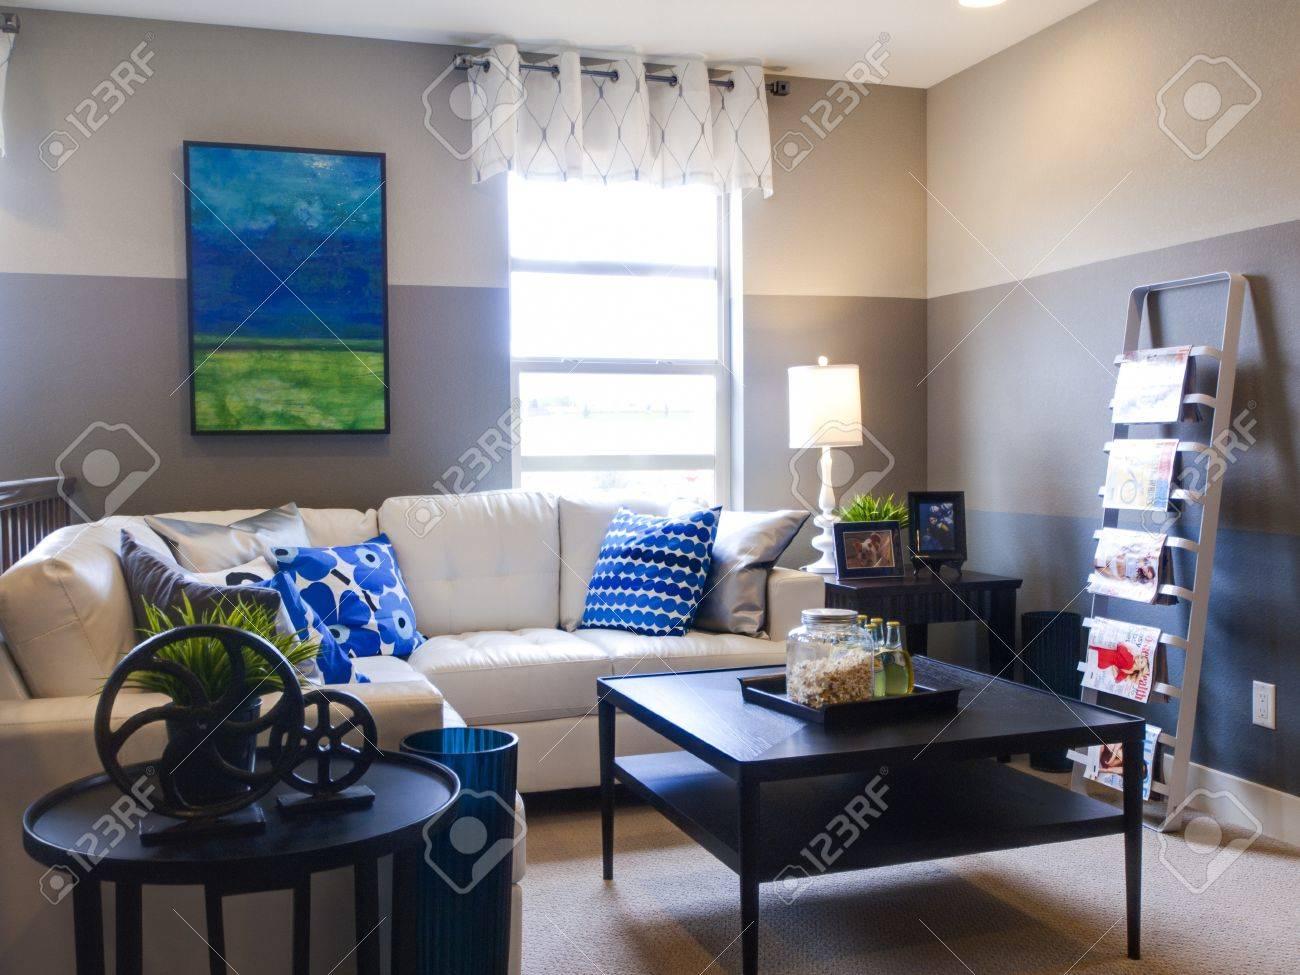 soggiorno moderno con divano e tavolo da caffè. foto royalty free ... - Soggiorno Moderno Con Tavolo E Divano